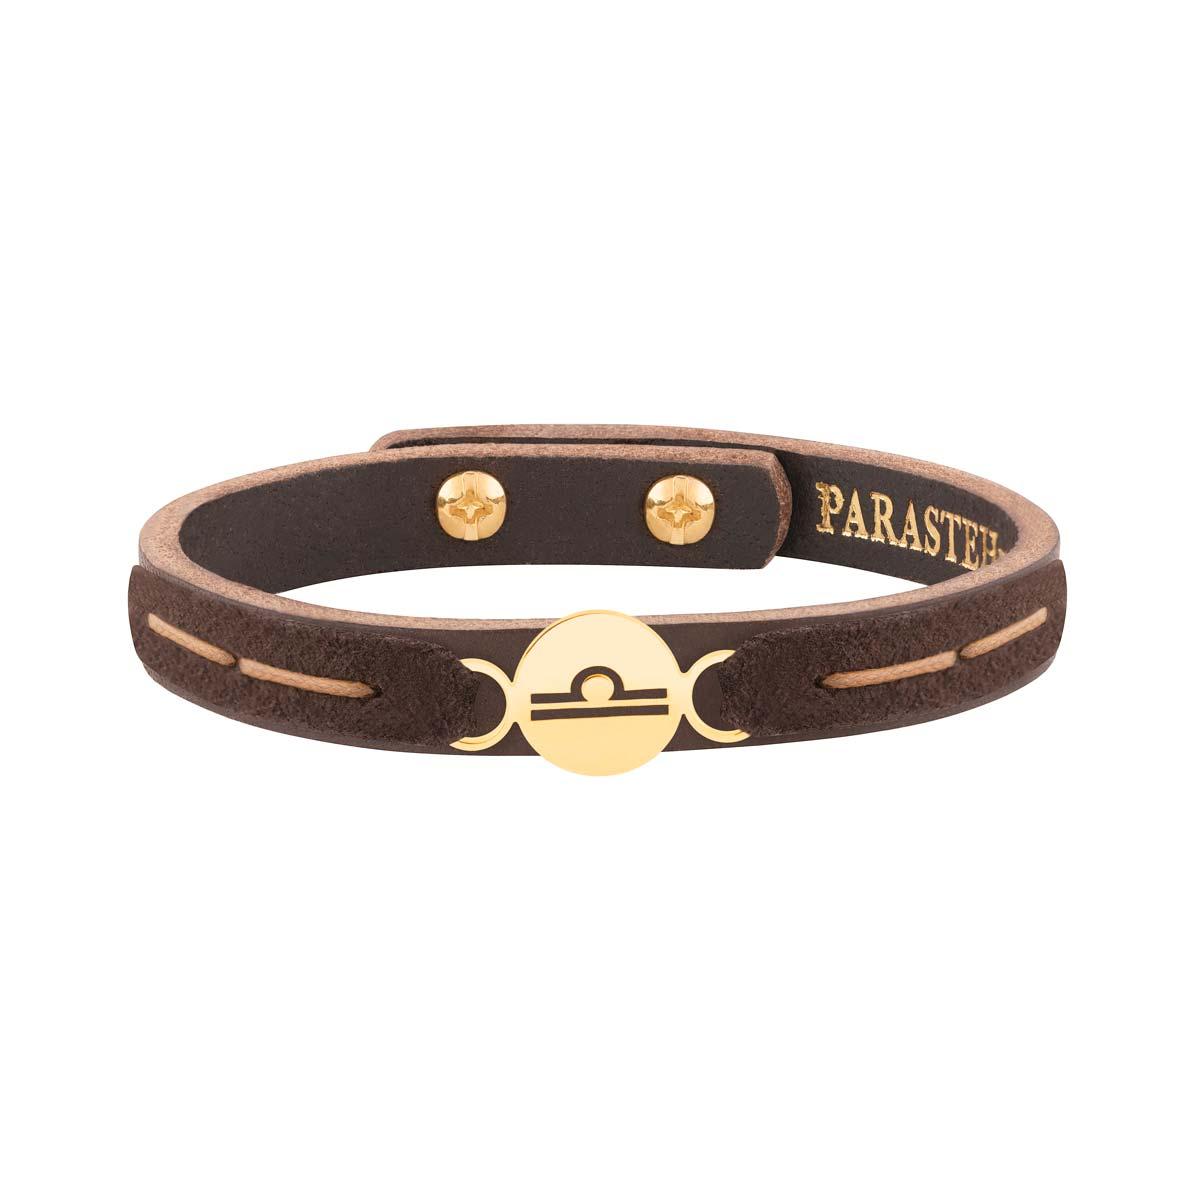 دستبند طلا چرمی و جیر نماد ماه مهر